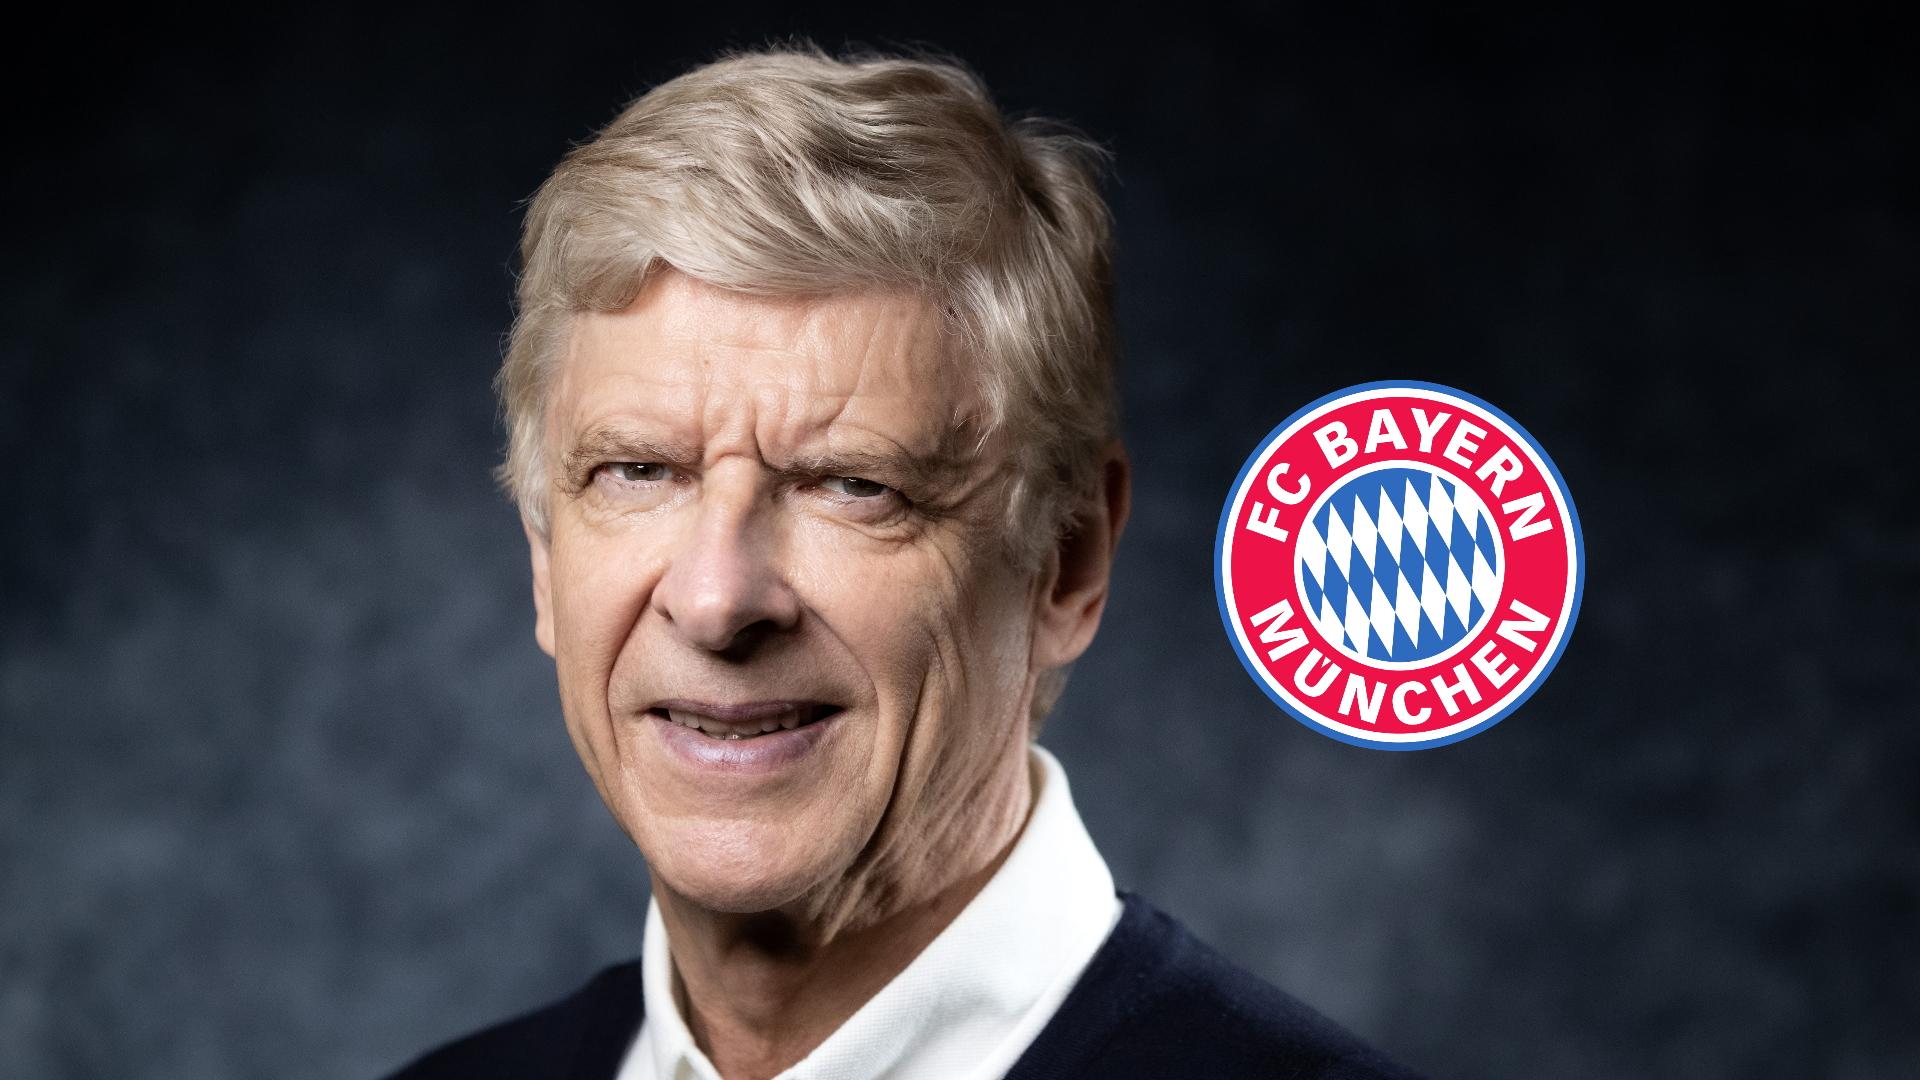 Mercato, le Bayern Munich aurait refusé la candidature de Wenger